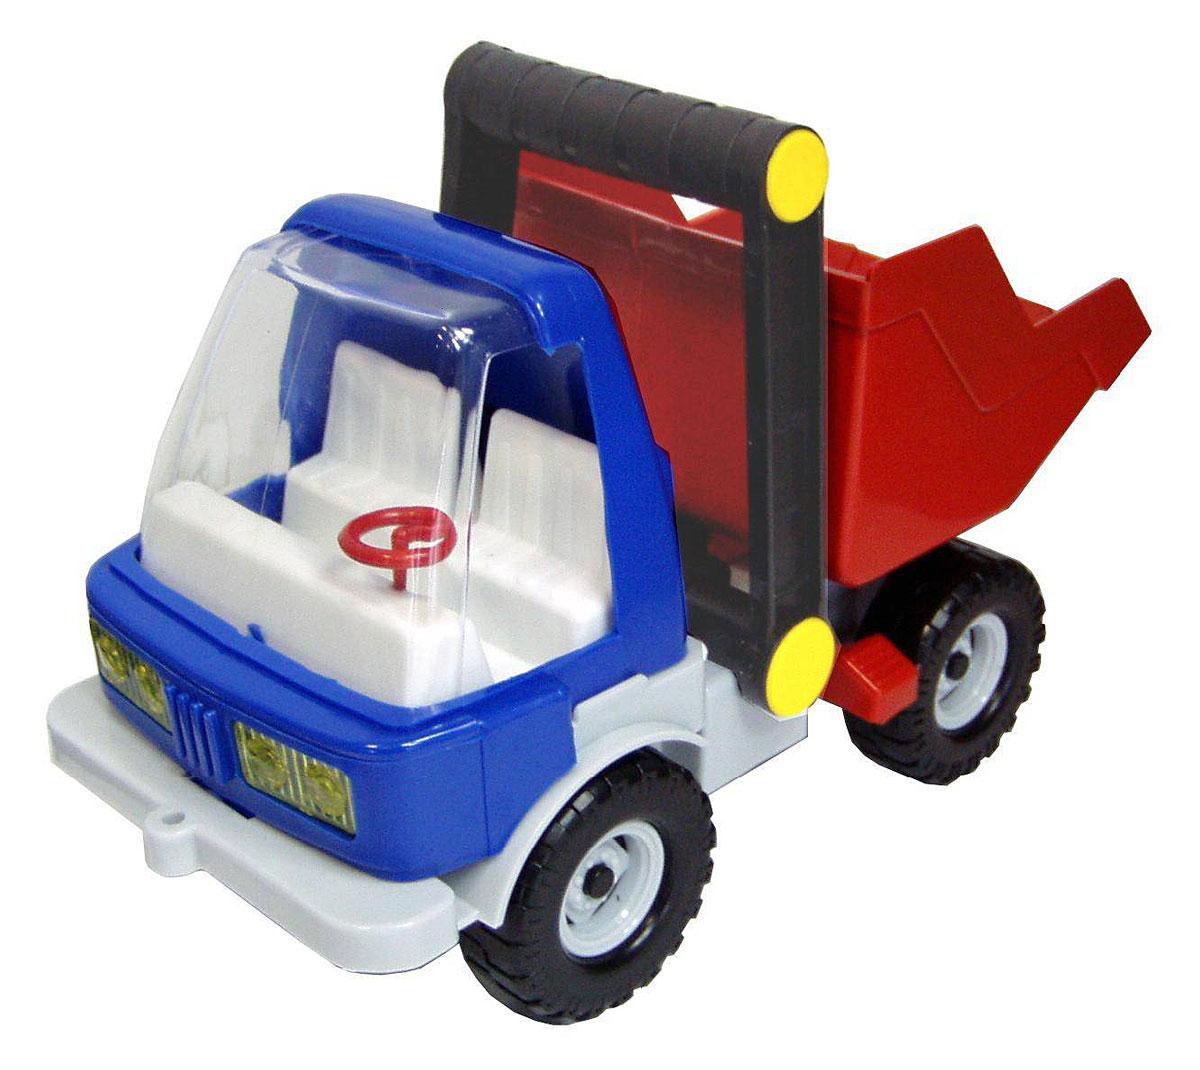 Форма СамосвалС-133-ФВот что понравится вашему сорванцу - строительный автомобиль-самосвал от компании Форма. В кабину машины можно посадить маленькие фигурки. Большой самосвал имеет просторный кузов, который можно наполнить песком или любым игрушечным грузом. Кузов игрушки откидывается, что предоставит малышу дополнительный простор для игры. Кузов можно зафиксировать с помощью специальной защелки. Большие ребристые колеса обеспечивают плавность хода машинки. Игрушка выполнена из прочного высококачественного пластика. Игры с такой машинкой развивают концентрацию внимания, координацию движений, мелкую и крупную моторику, цветовое восприятие и воображение. Малыш будет с удовольствием играть с этим самосвалом, придумывая различные истории.